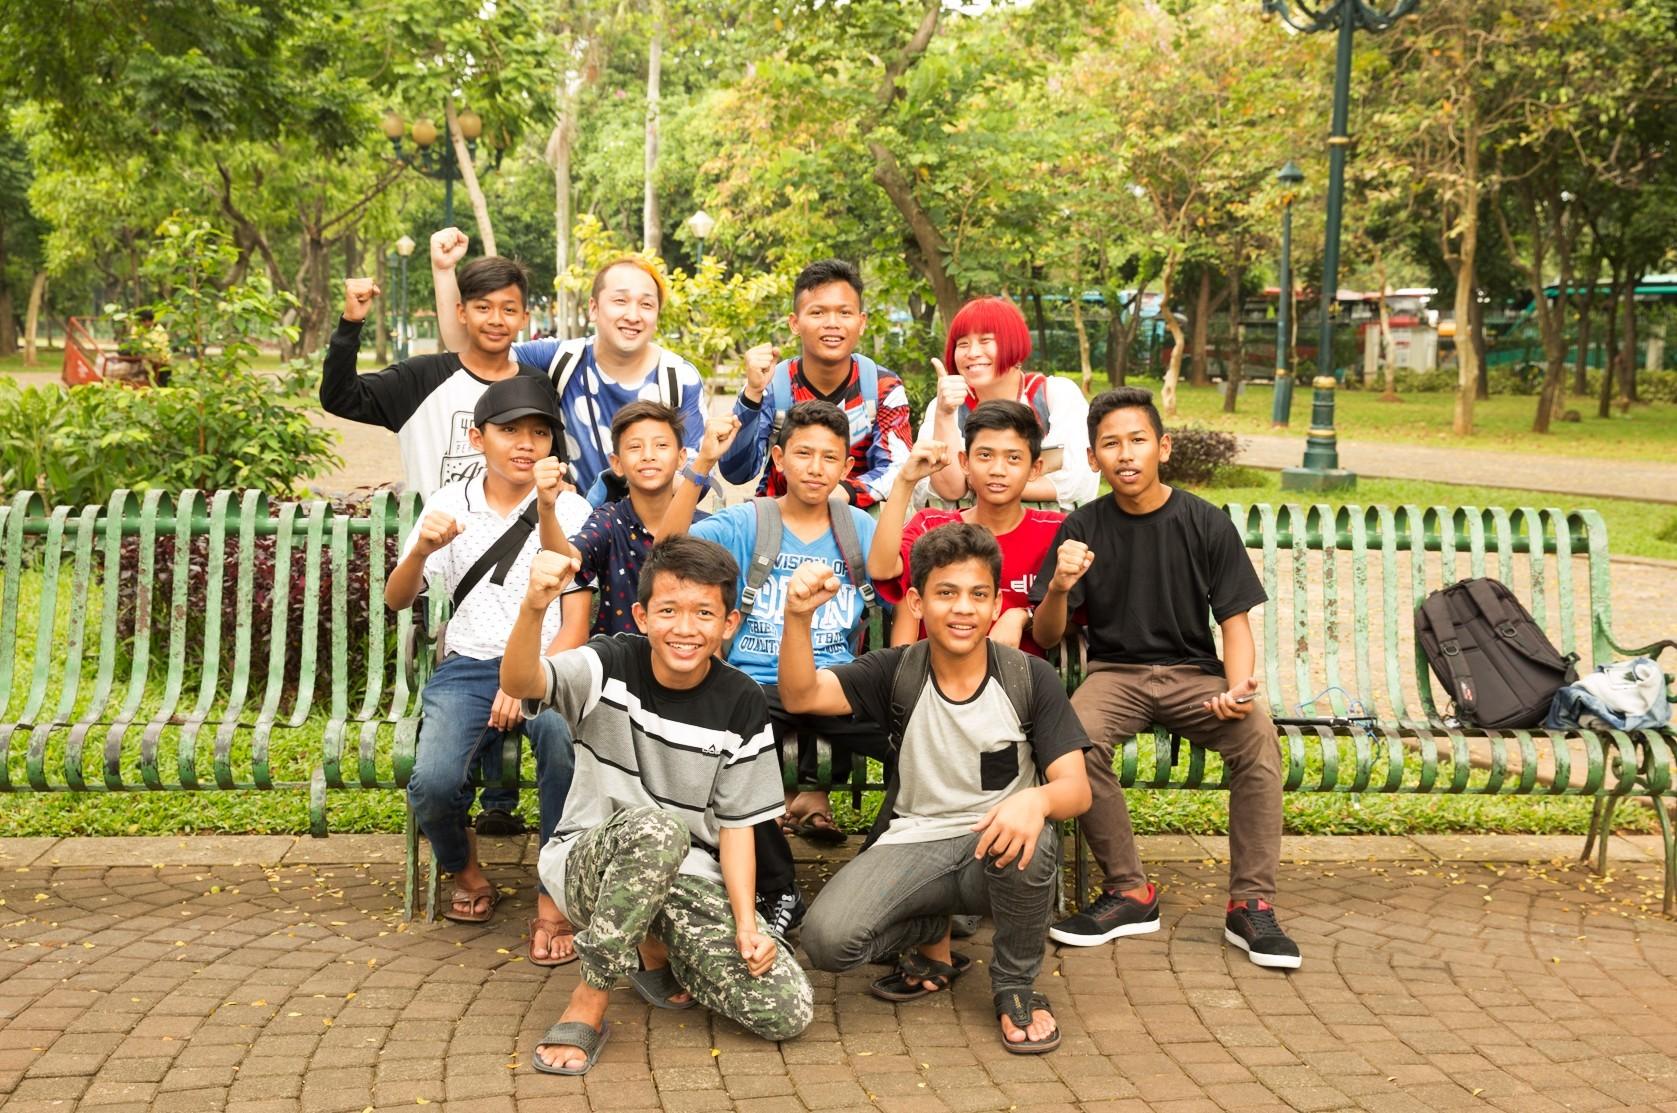 ジャカルタの少年たちと@Monas